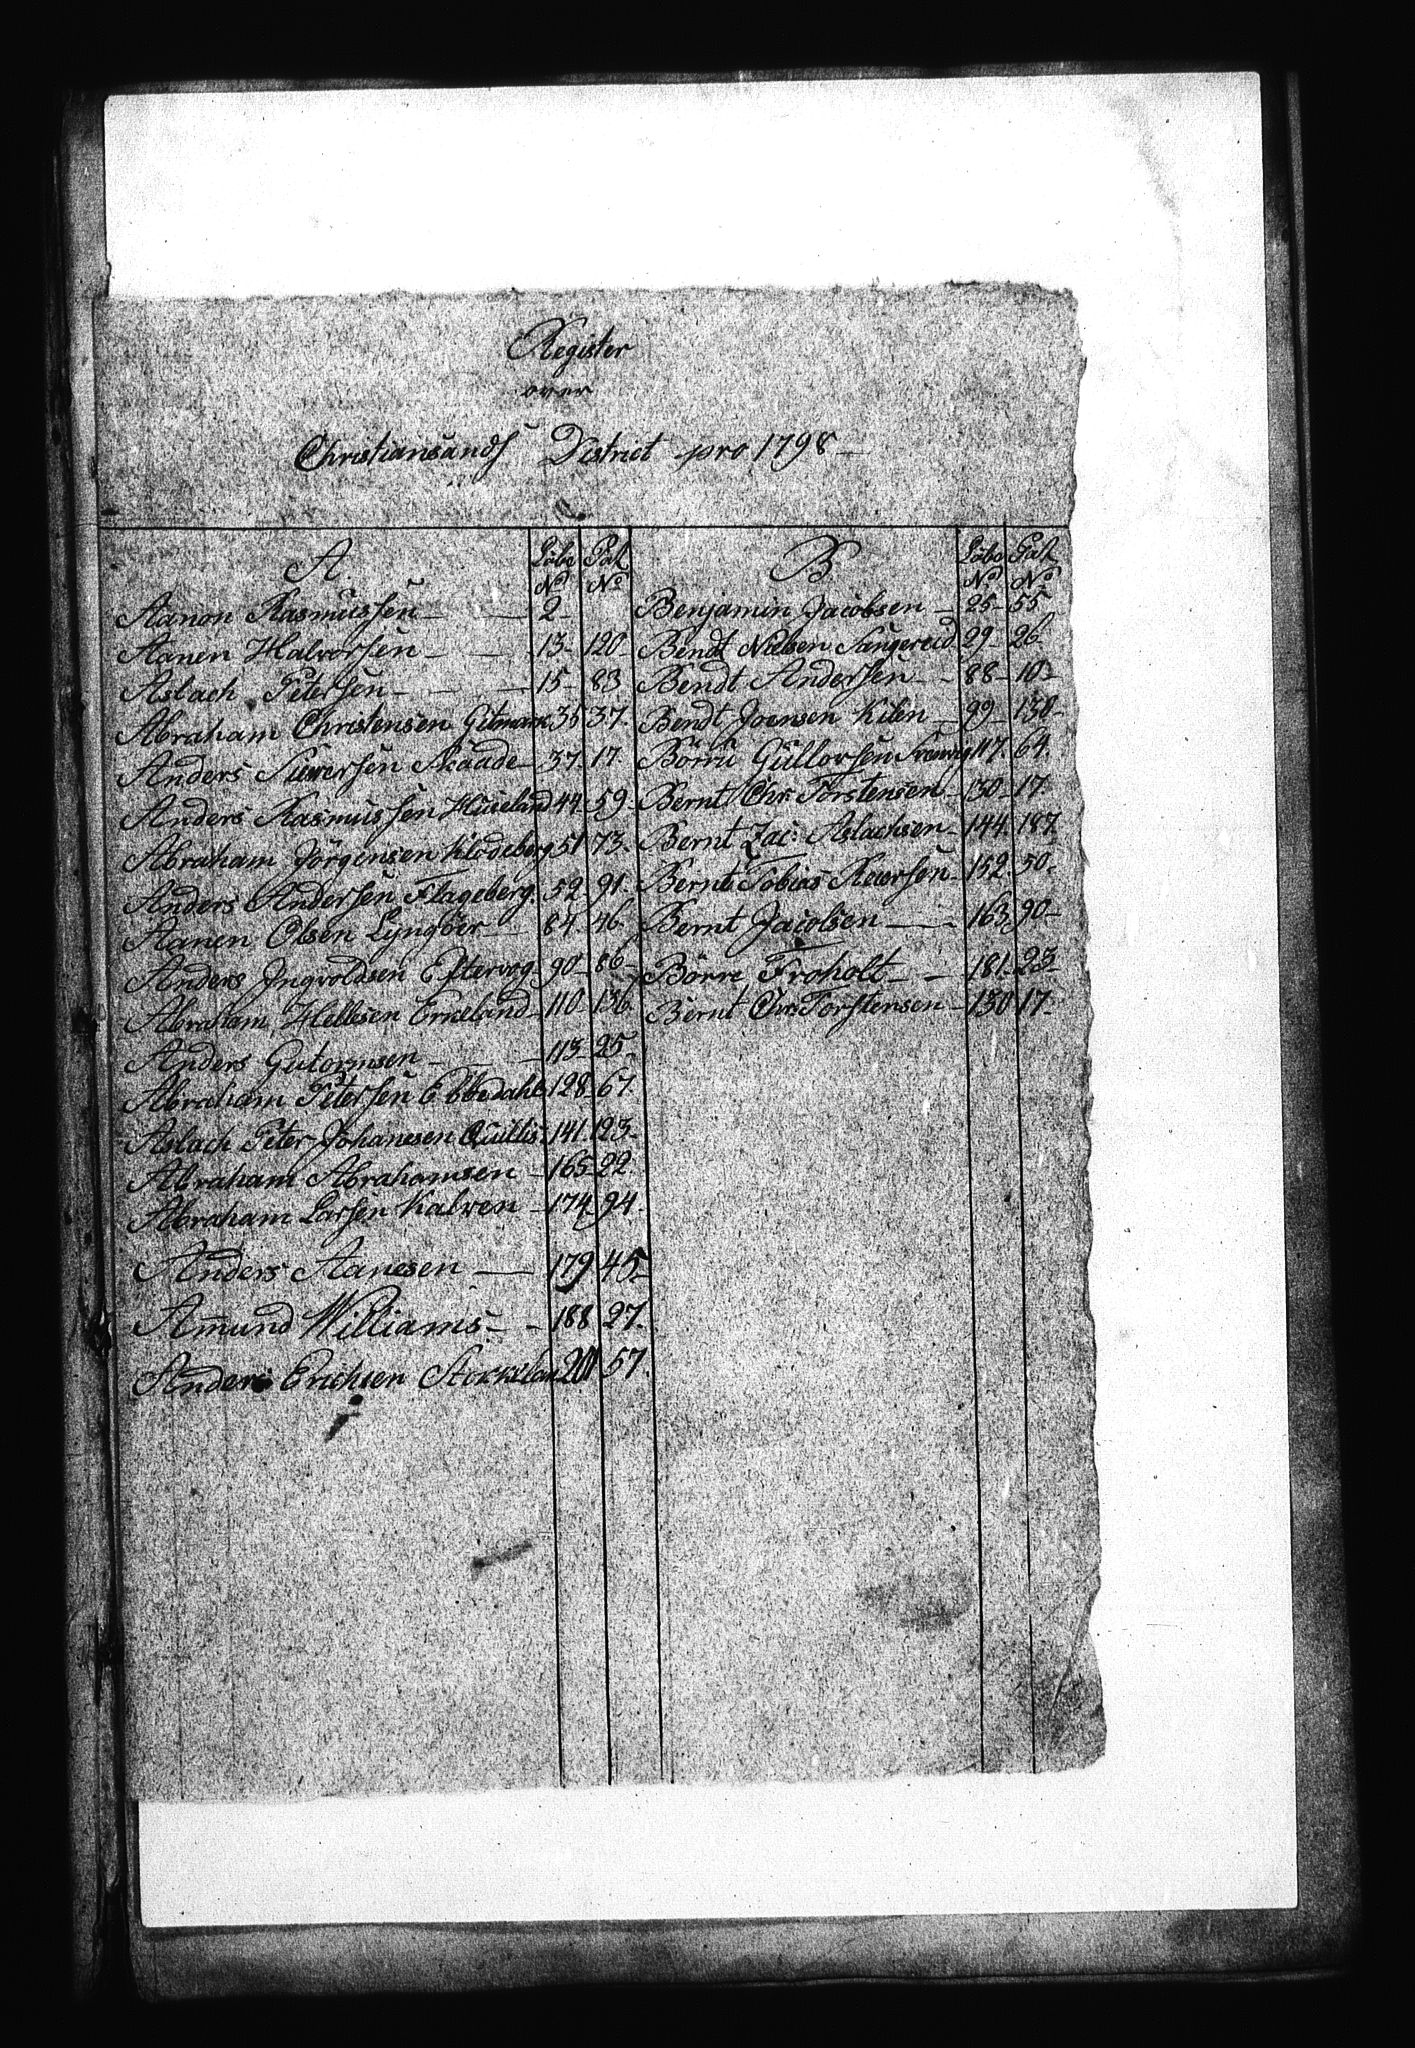 RA, Sjøetaten, F/L0031: Kristiansand distrikt, bind 1, 1798